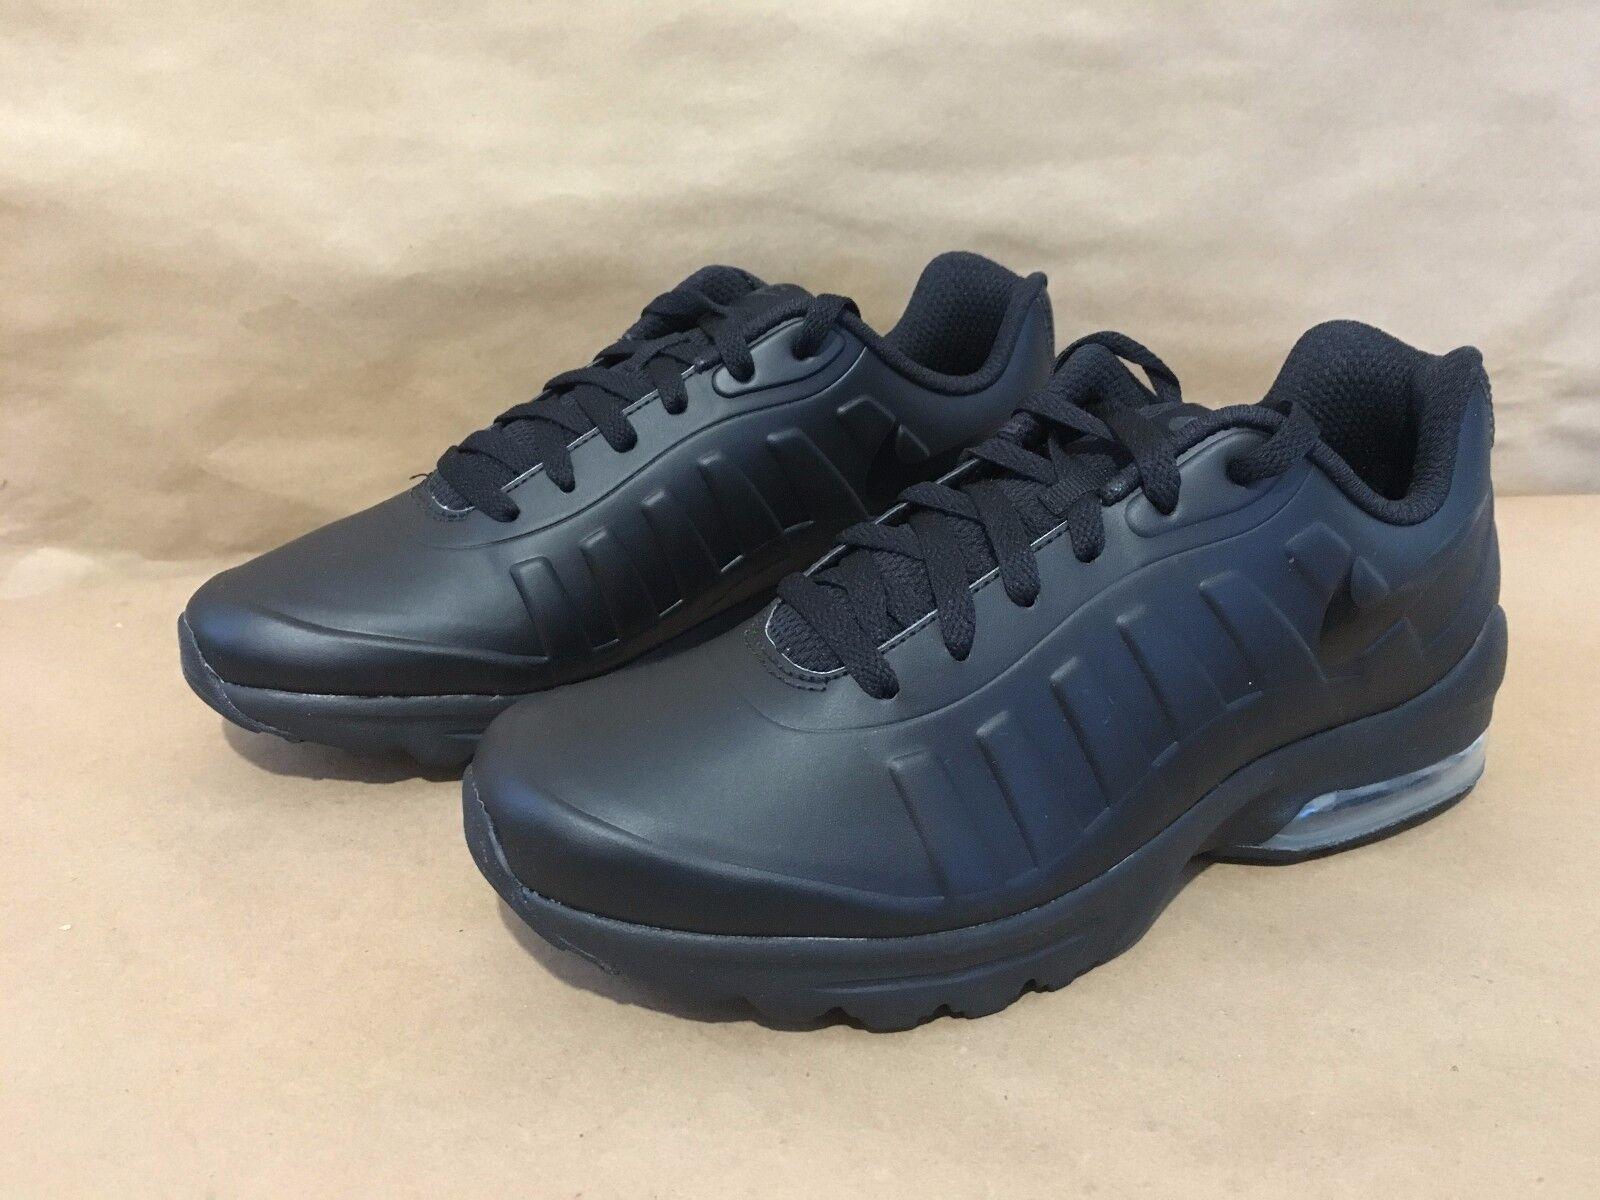 844793-001 Nike Air Max Invigor SL fonctionnement noir/noir-Anthracite